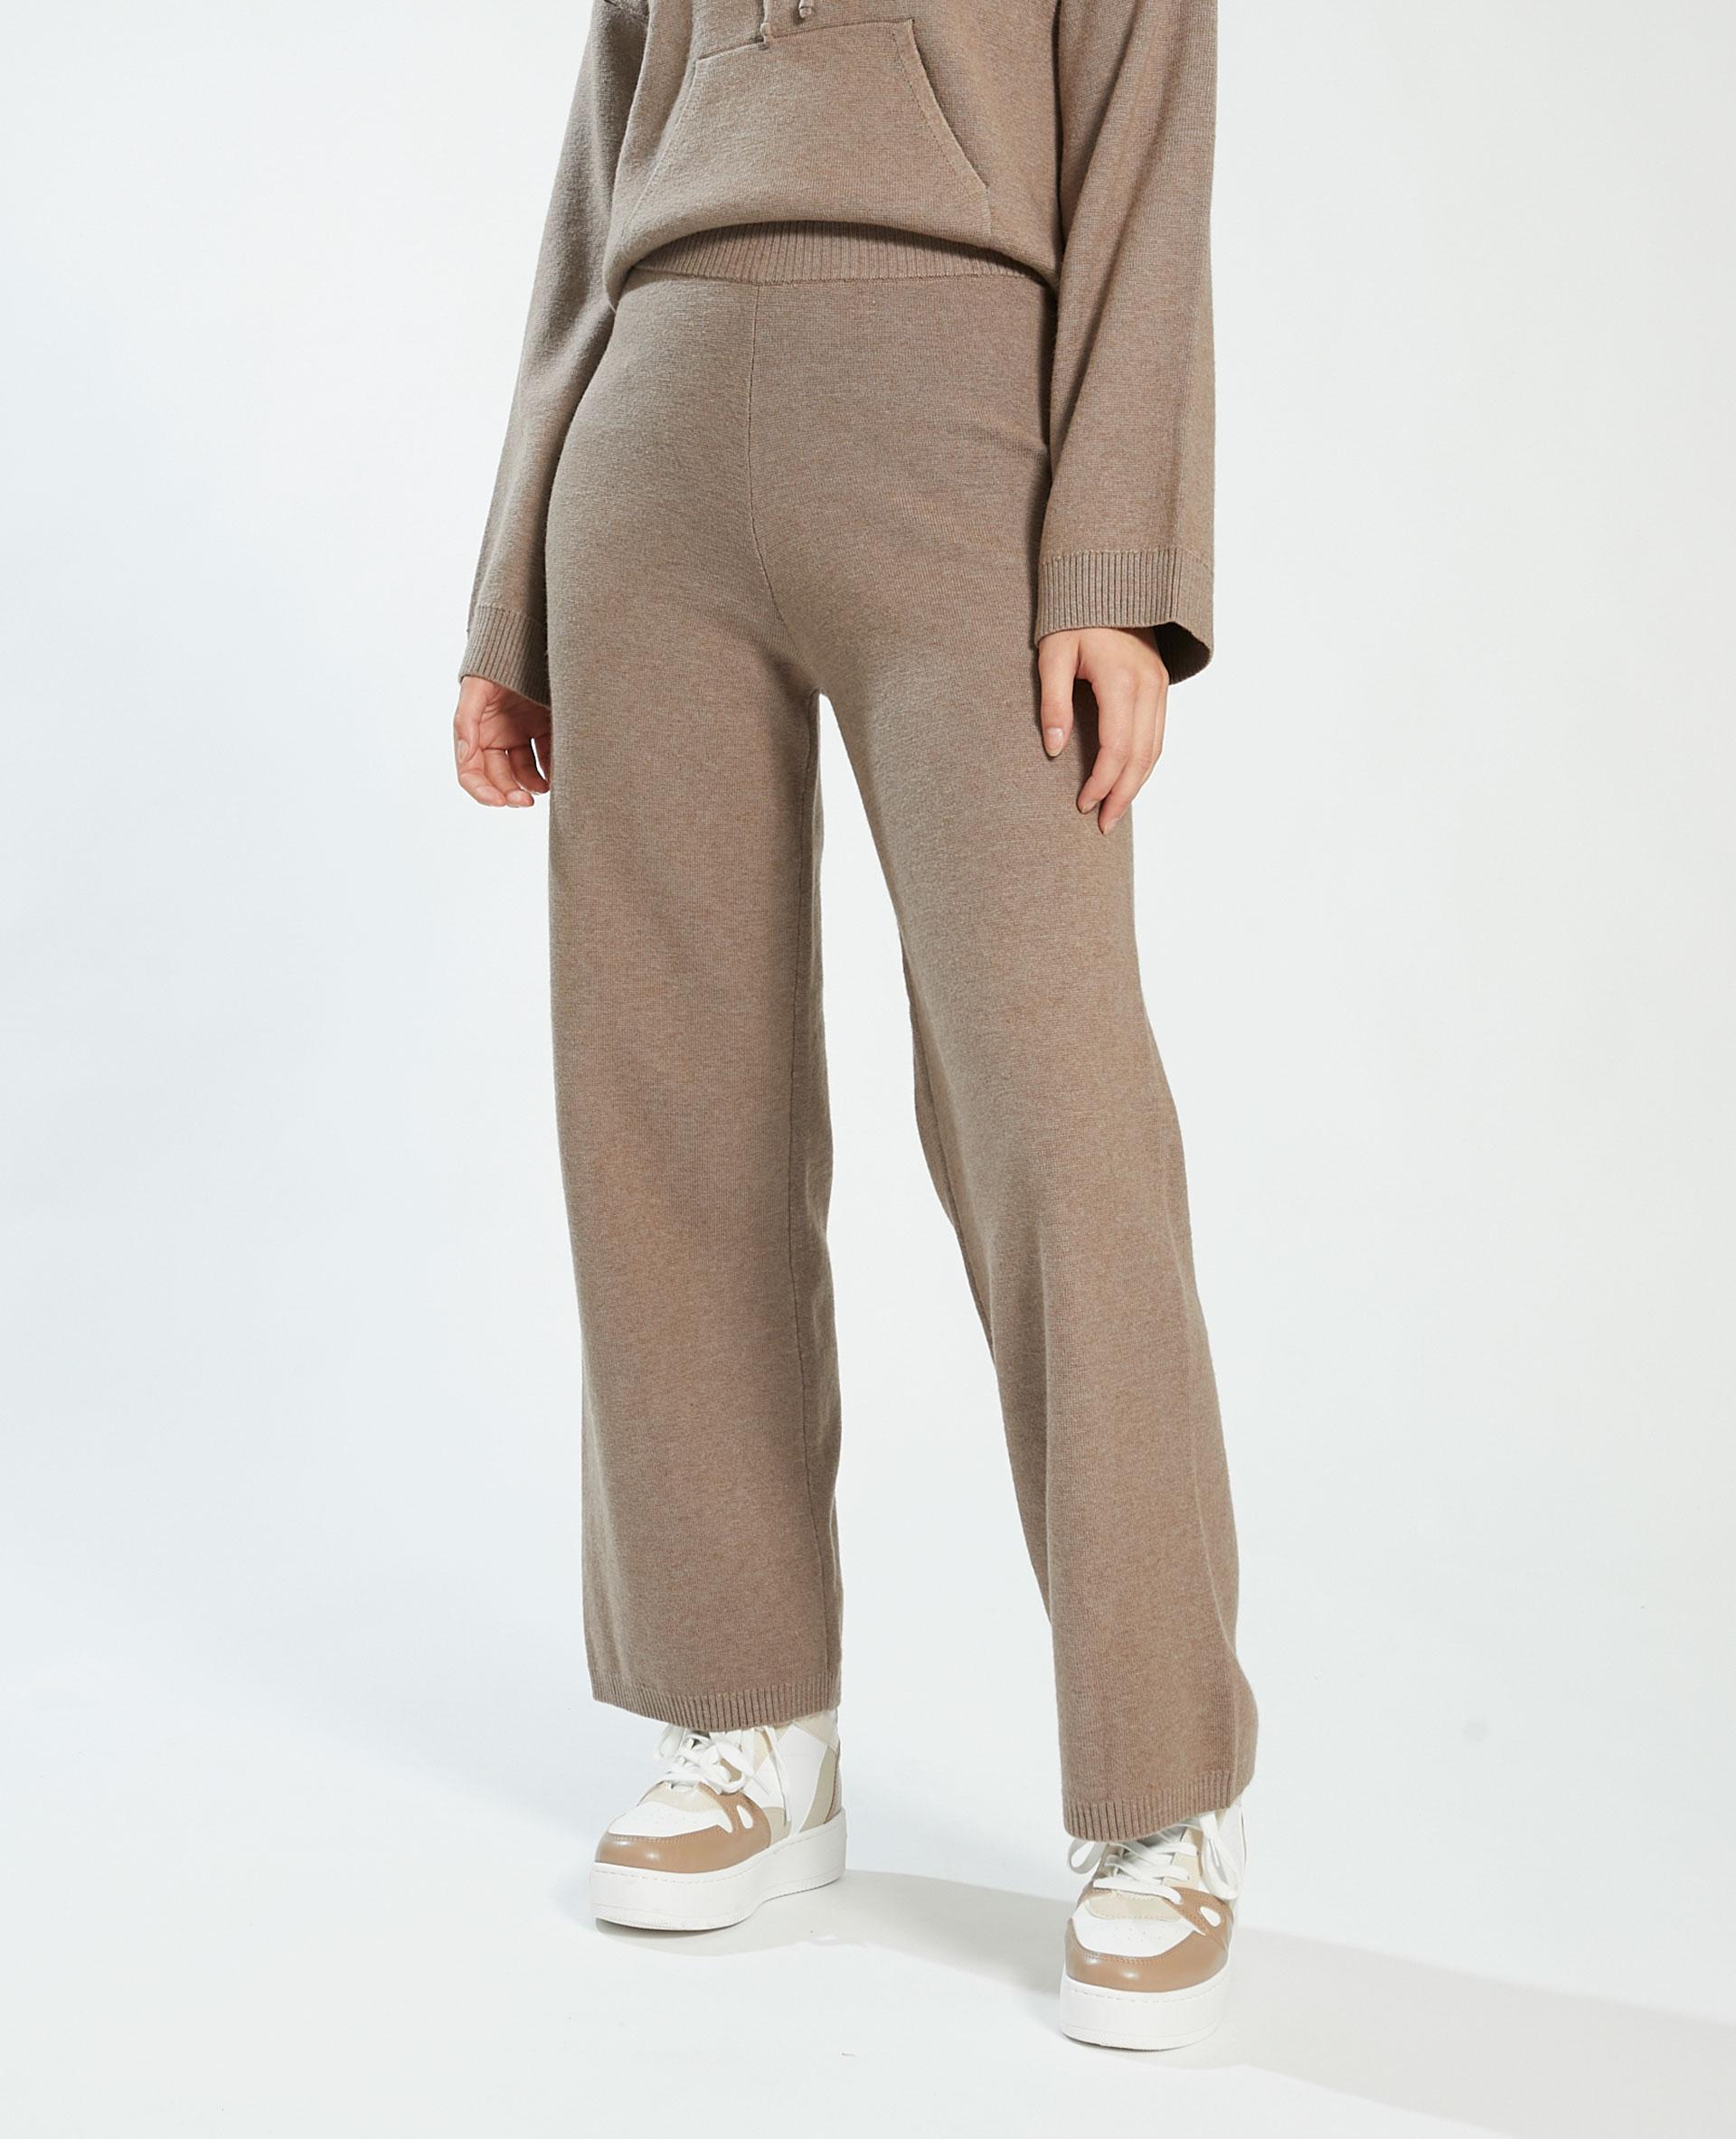 Pantalon wide leg marron - Pimkie